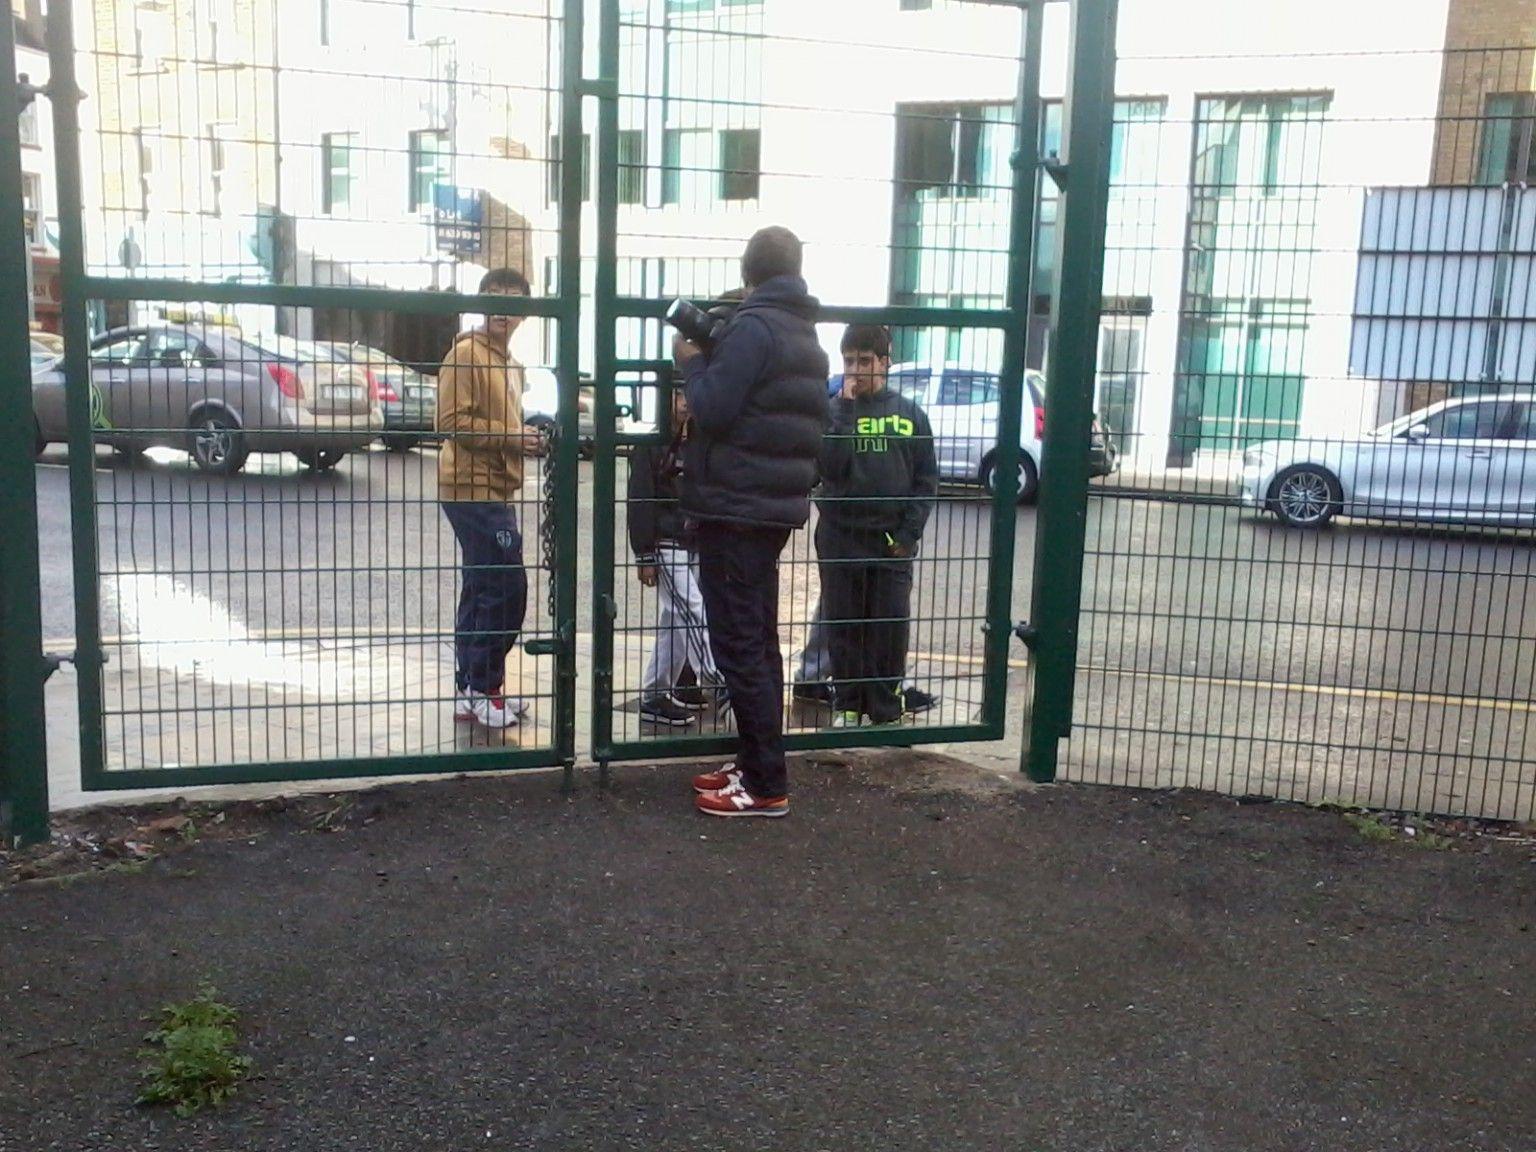 irish-fencing-art-lot-4